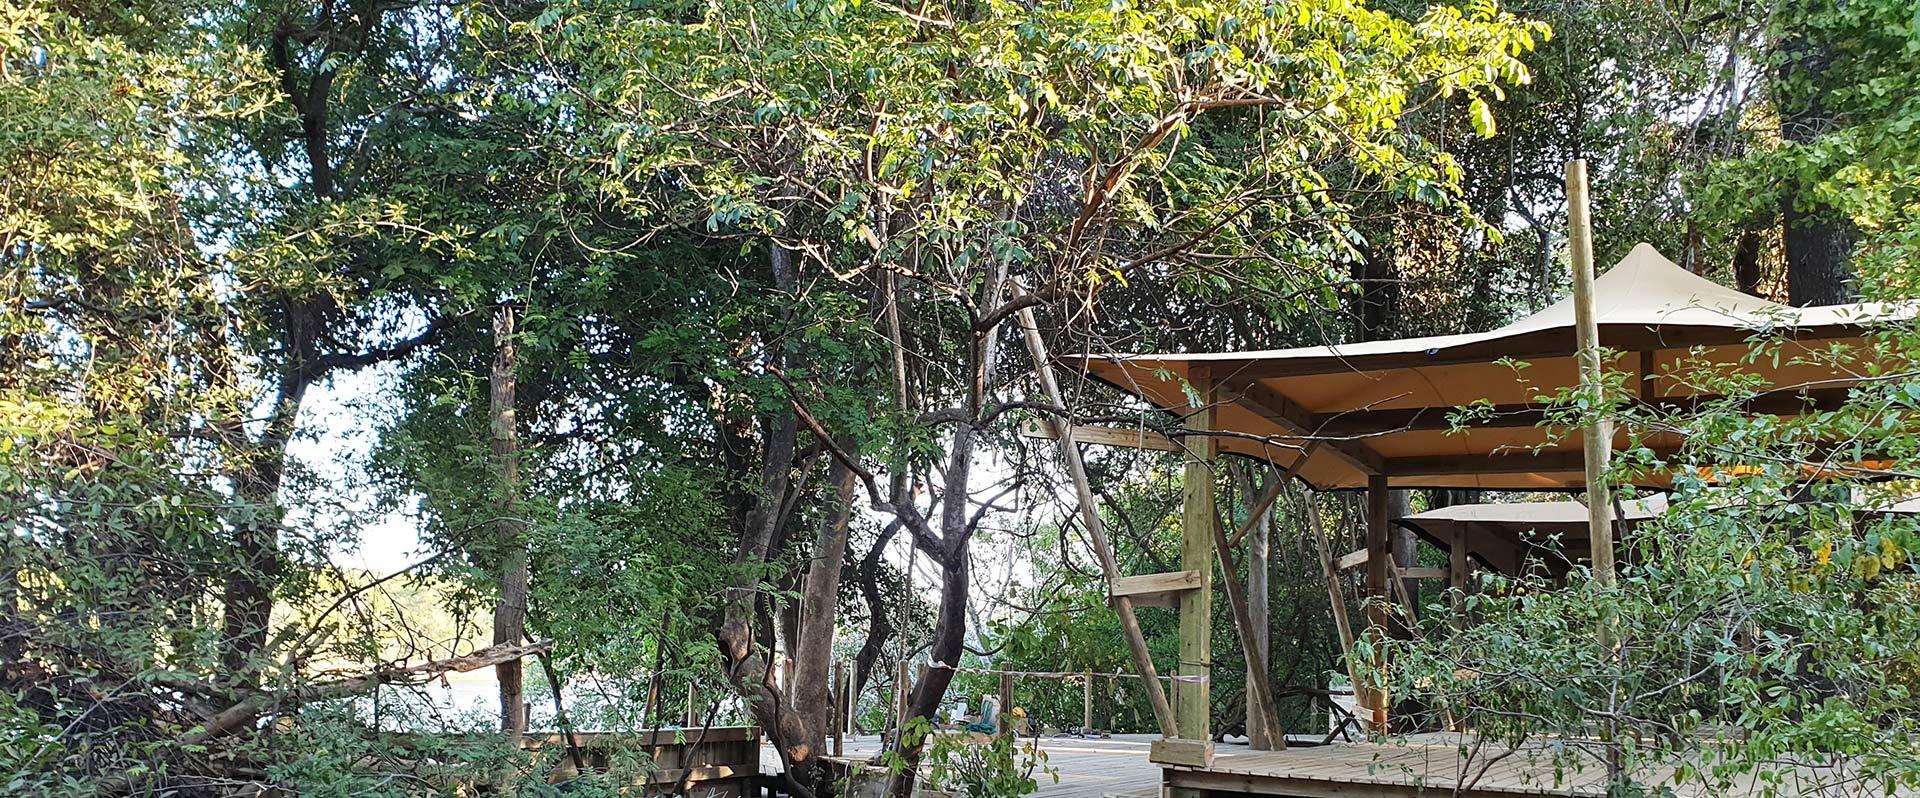 Tsowa Safari Island - Zambezi National Park